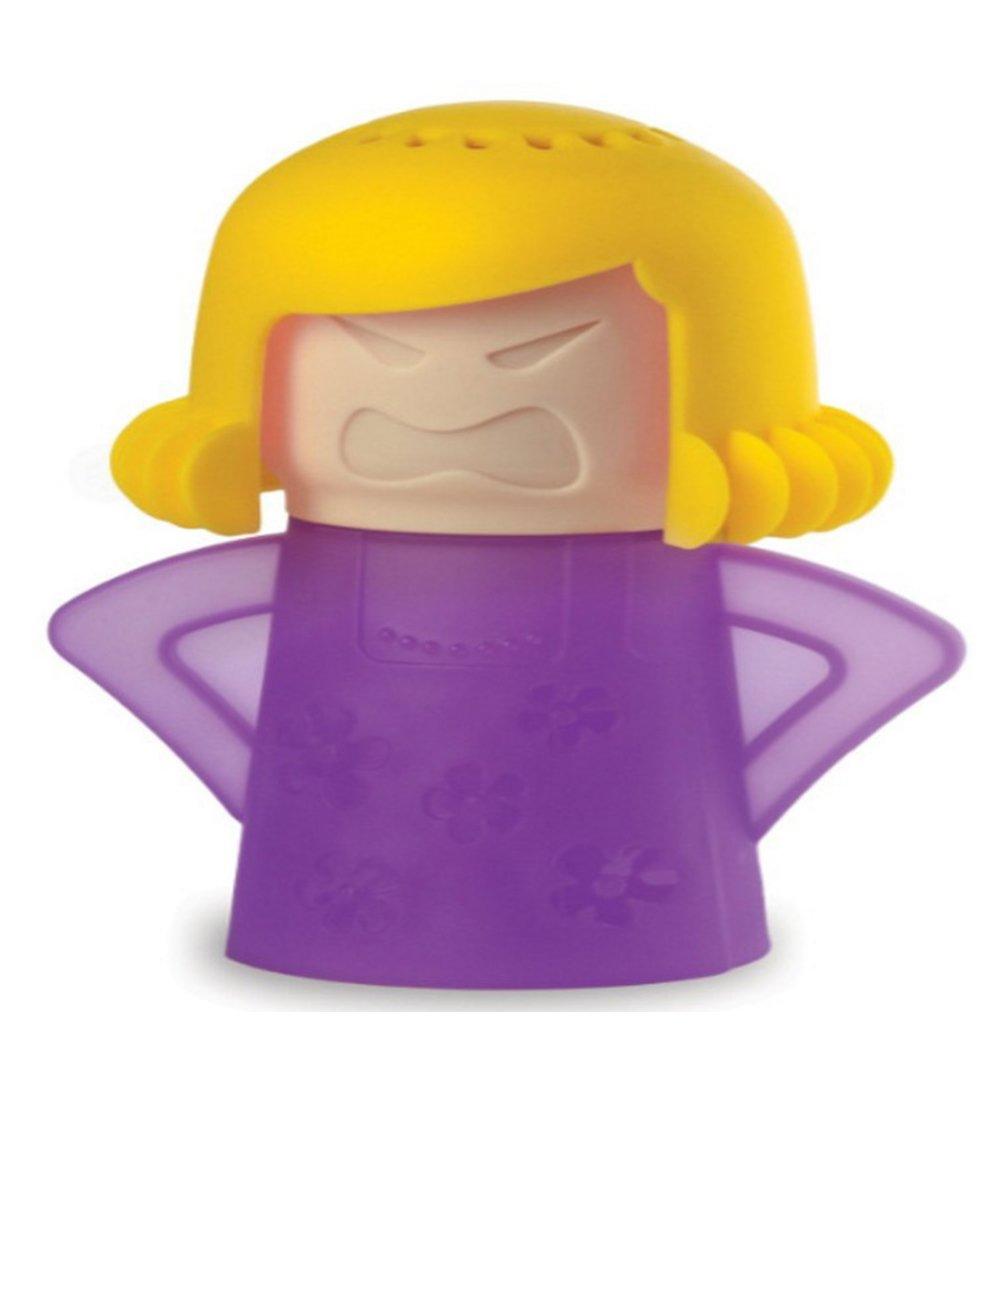 Metro Angry Mama limpieza limpiador de microondas para el hogar o ...